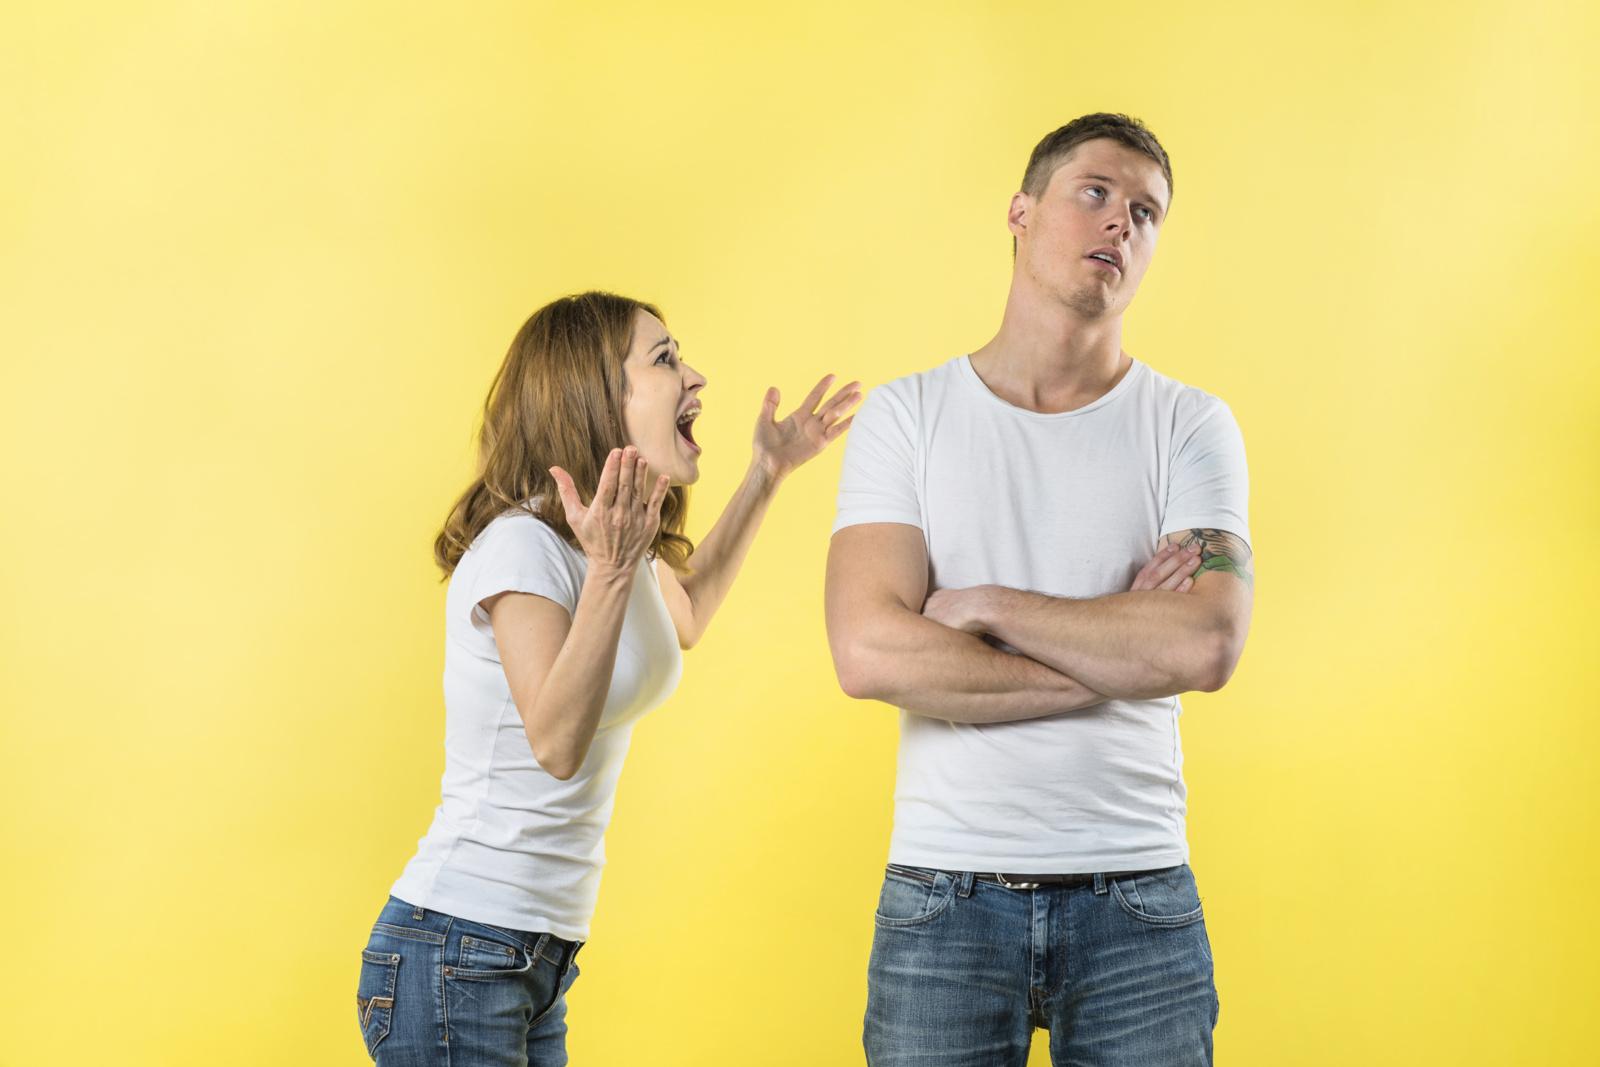 10 nerealiausių dalykų, kurių moterys tikisi iš santuokos